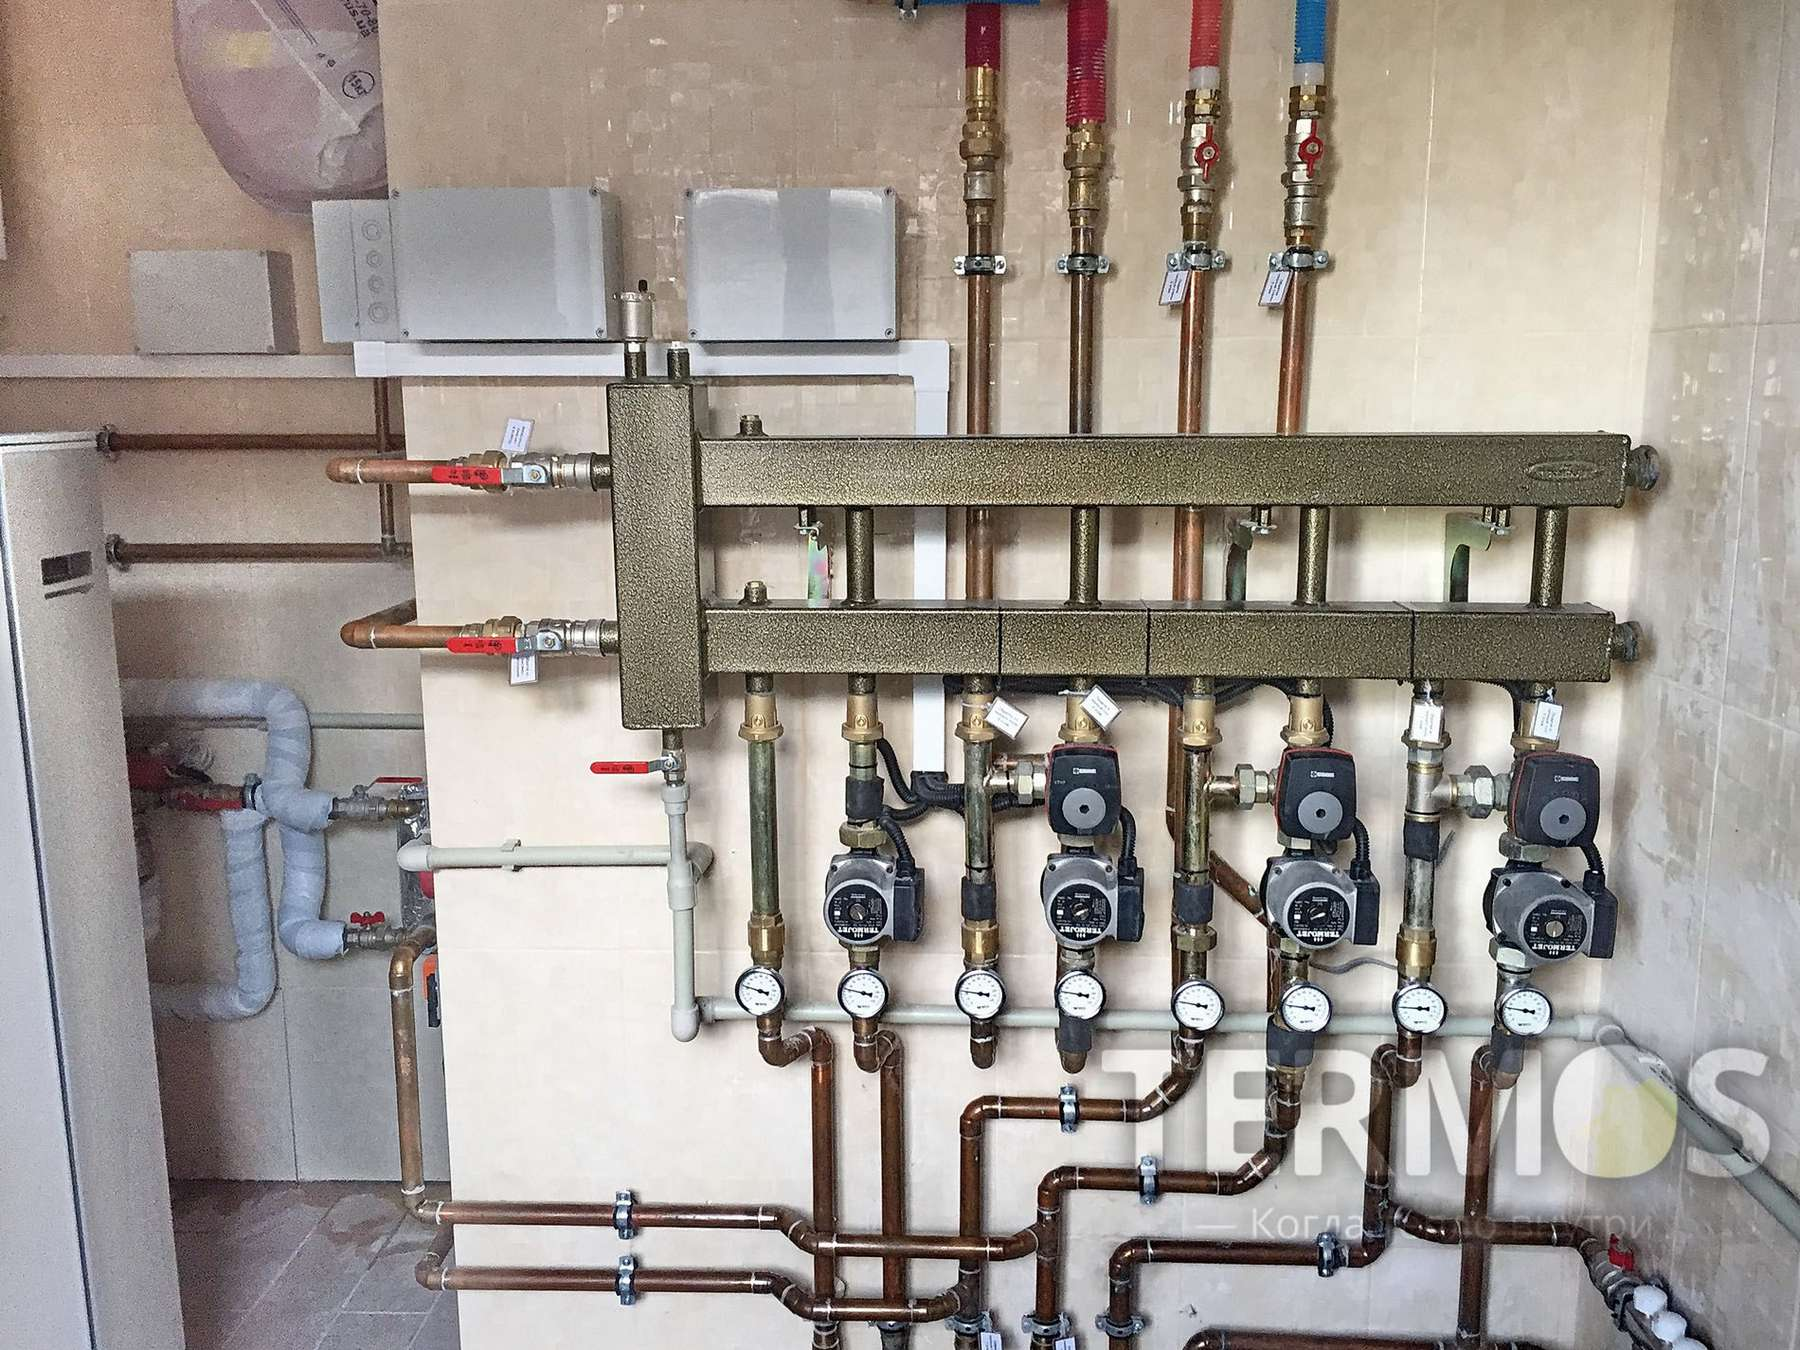 Низкотемпературная система отопления: контур радиаторов увеличенной мощности, контуры теплого пола, контуры теплых стен